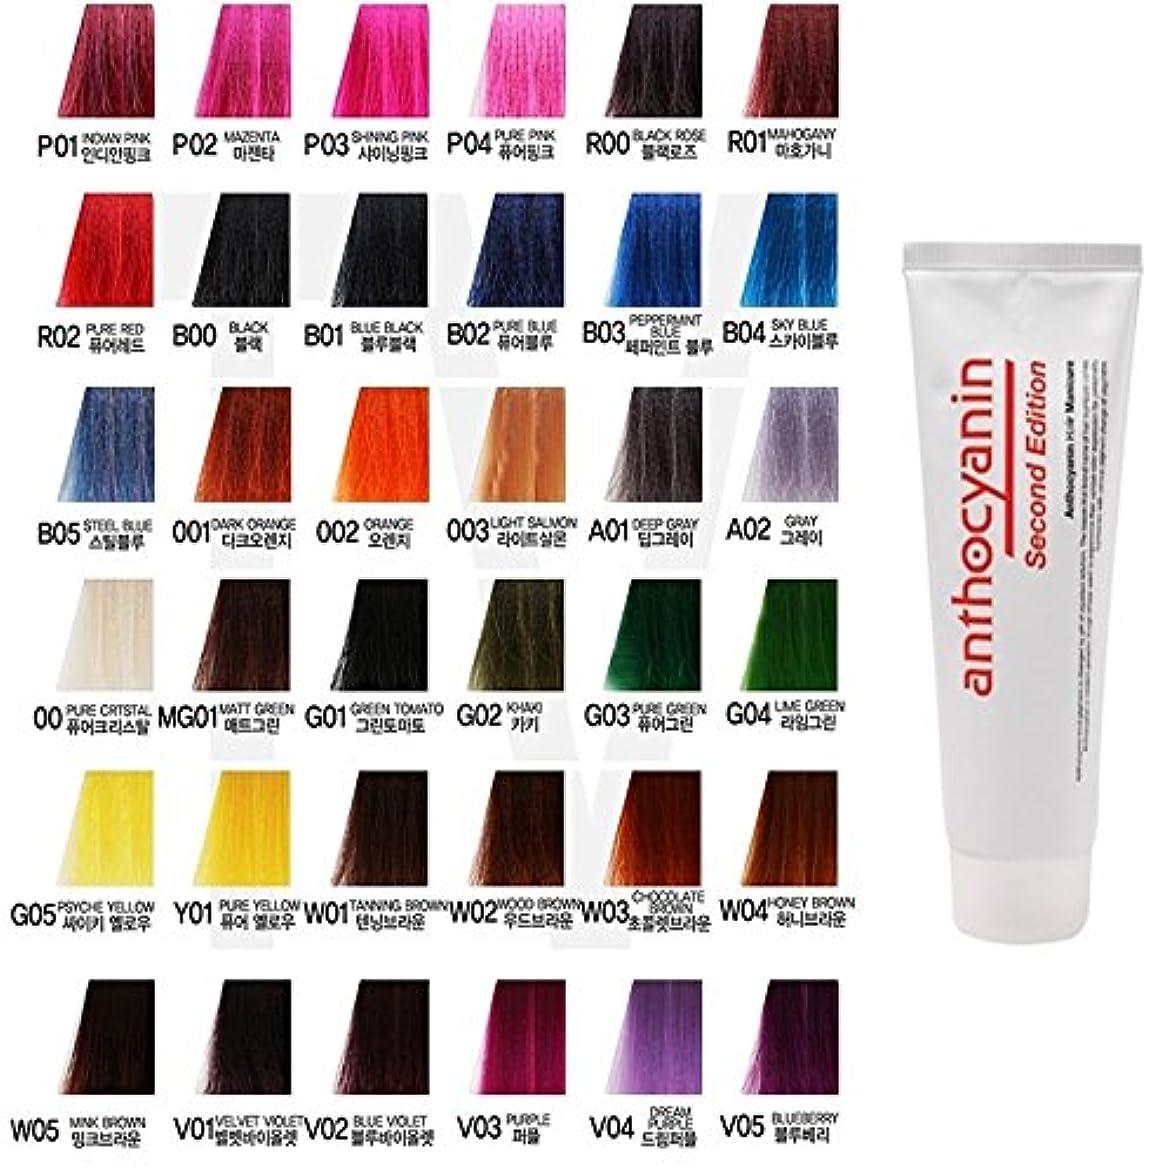 グリーストラック主観的ヘア マニキュア カラー セカンド エディション 230g セミ パーマネント 染毛剤 ( Hair Manicure Color Second Edition 230g Semi Permanent Hair Dye) [並行輸入品] (WA03 Mud Brown)